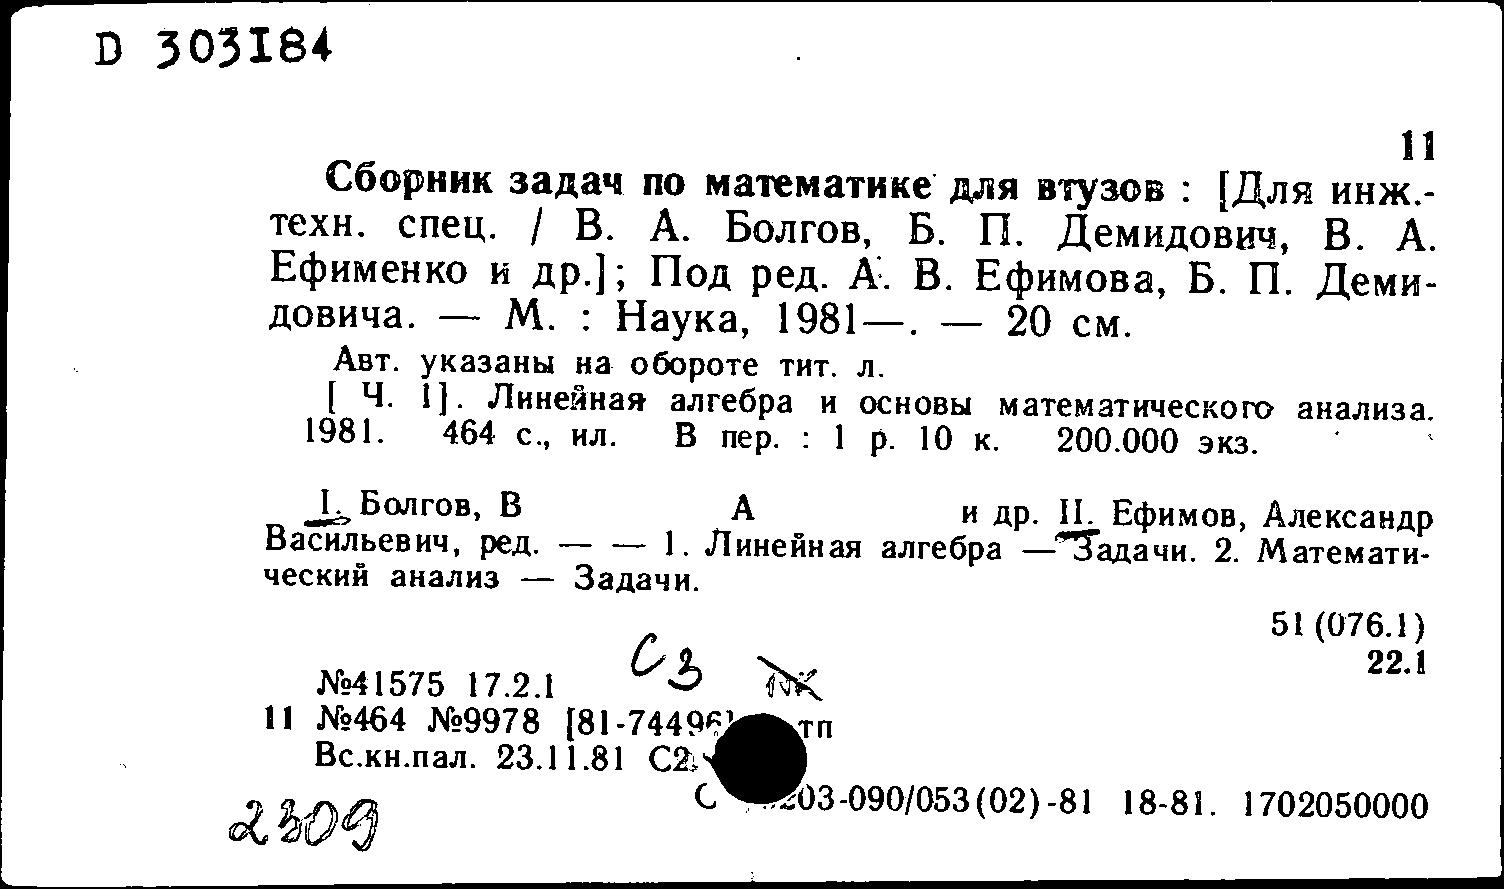 Решебник 1 Для Втузов Ефимов Поспелов